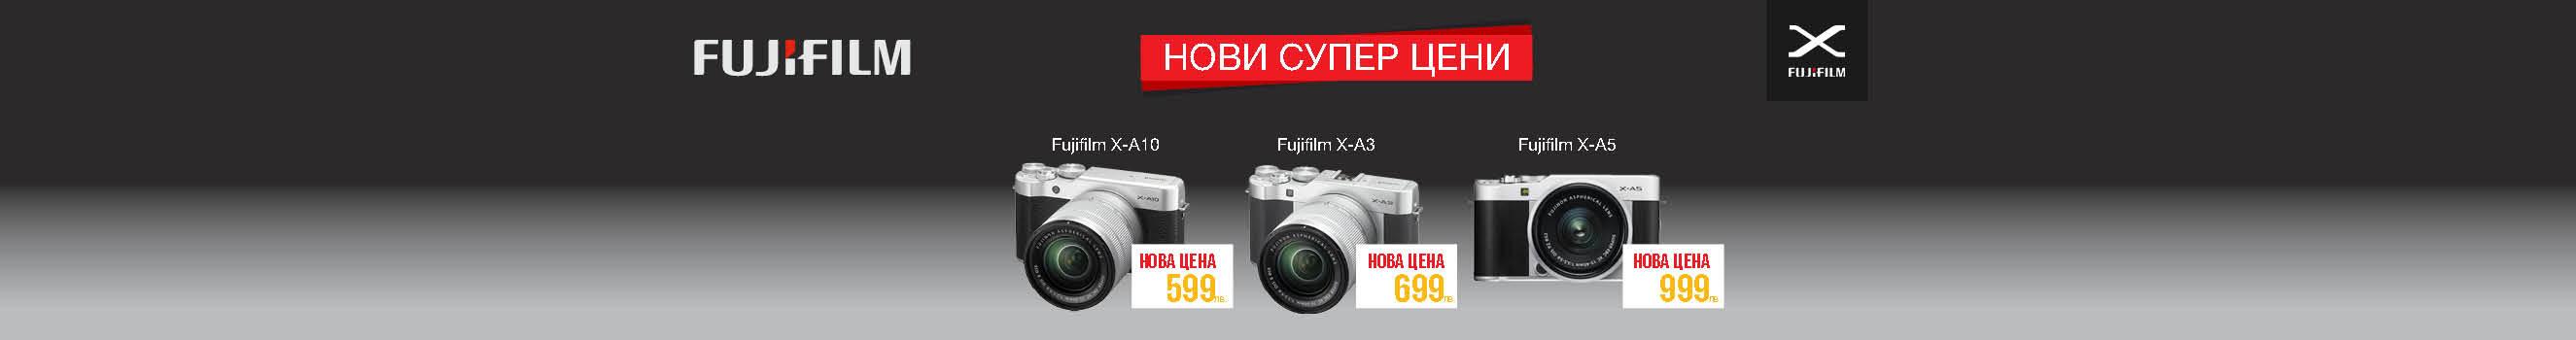 Фотоапарати Fuji на специални цени